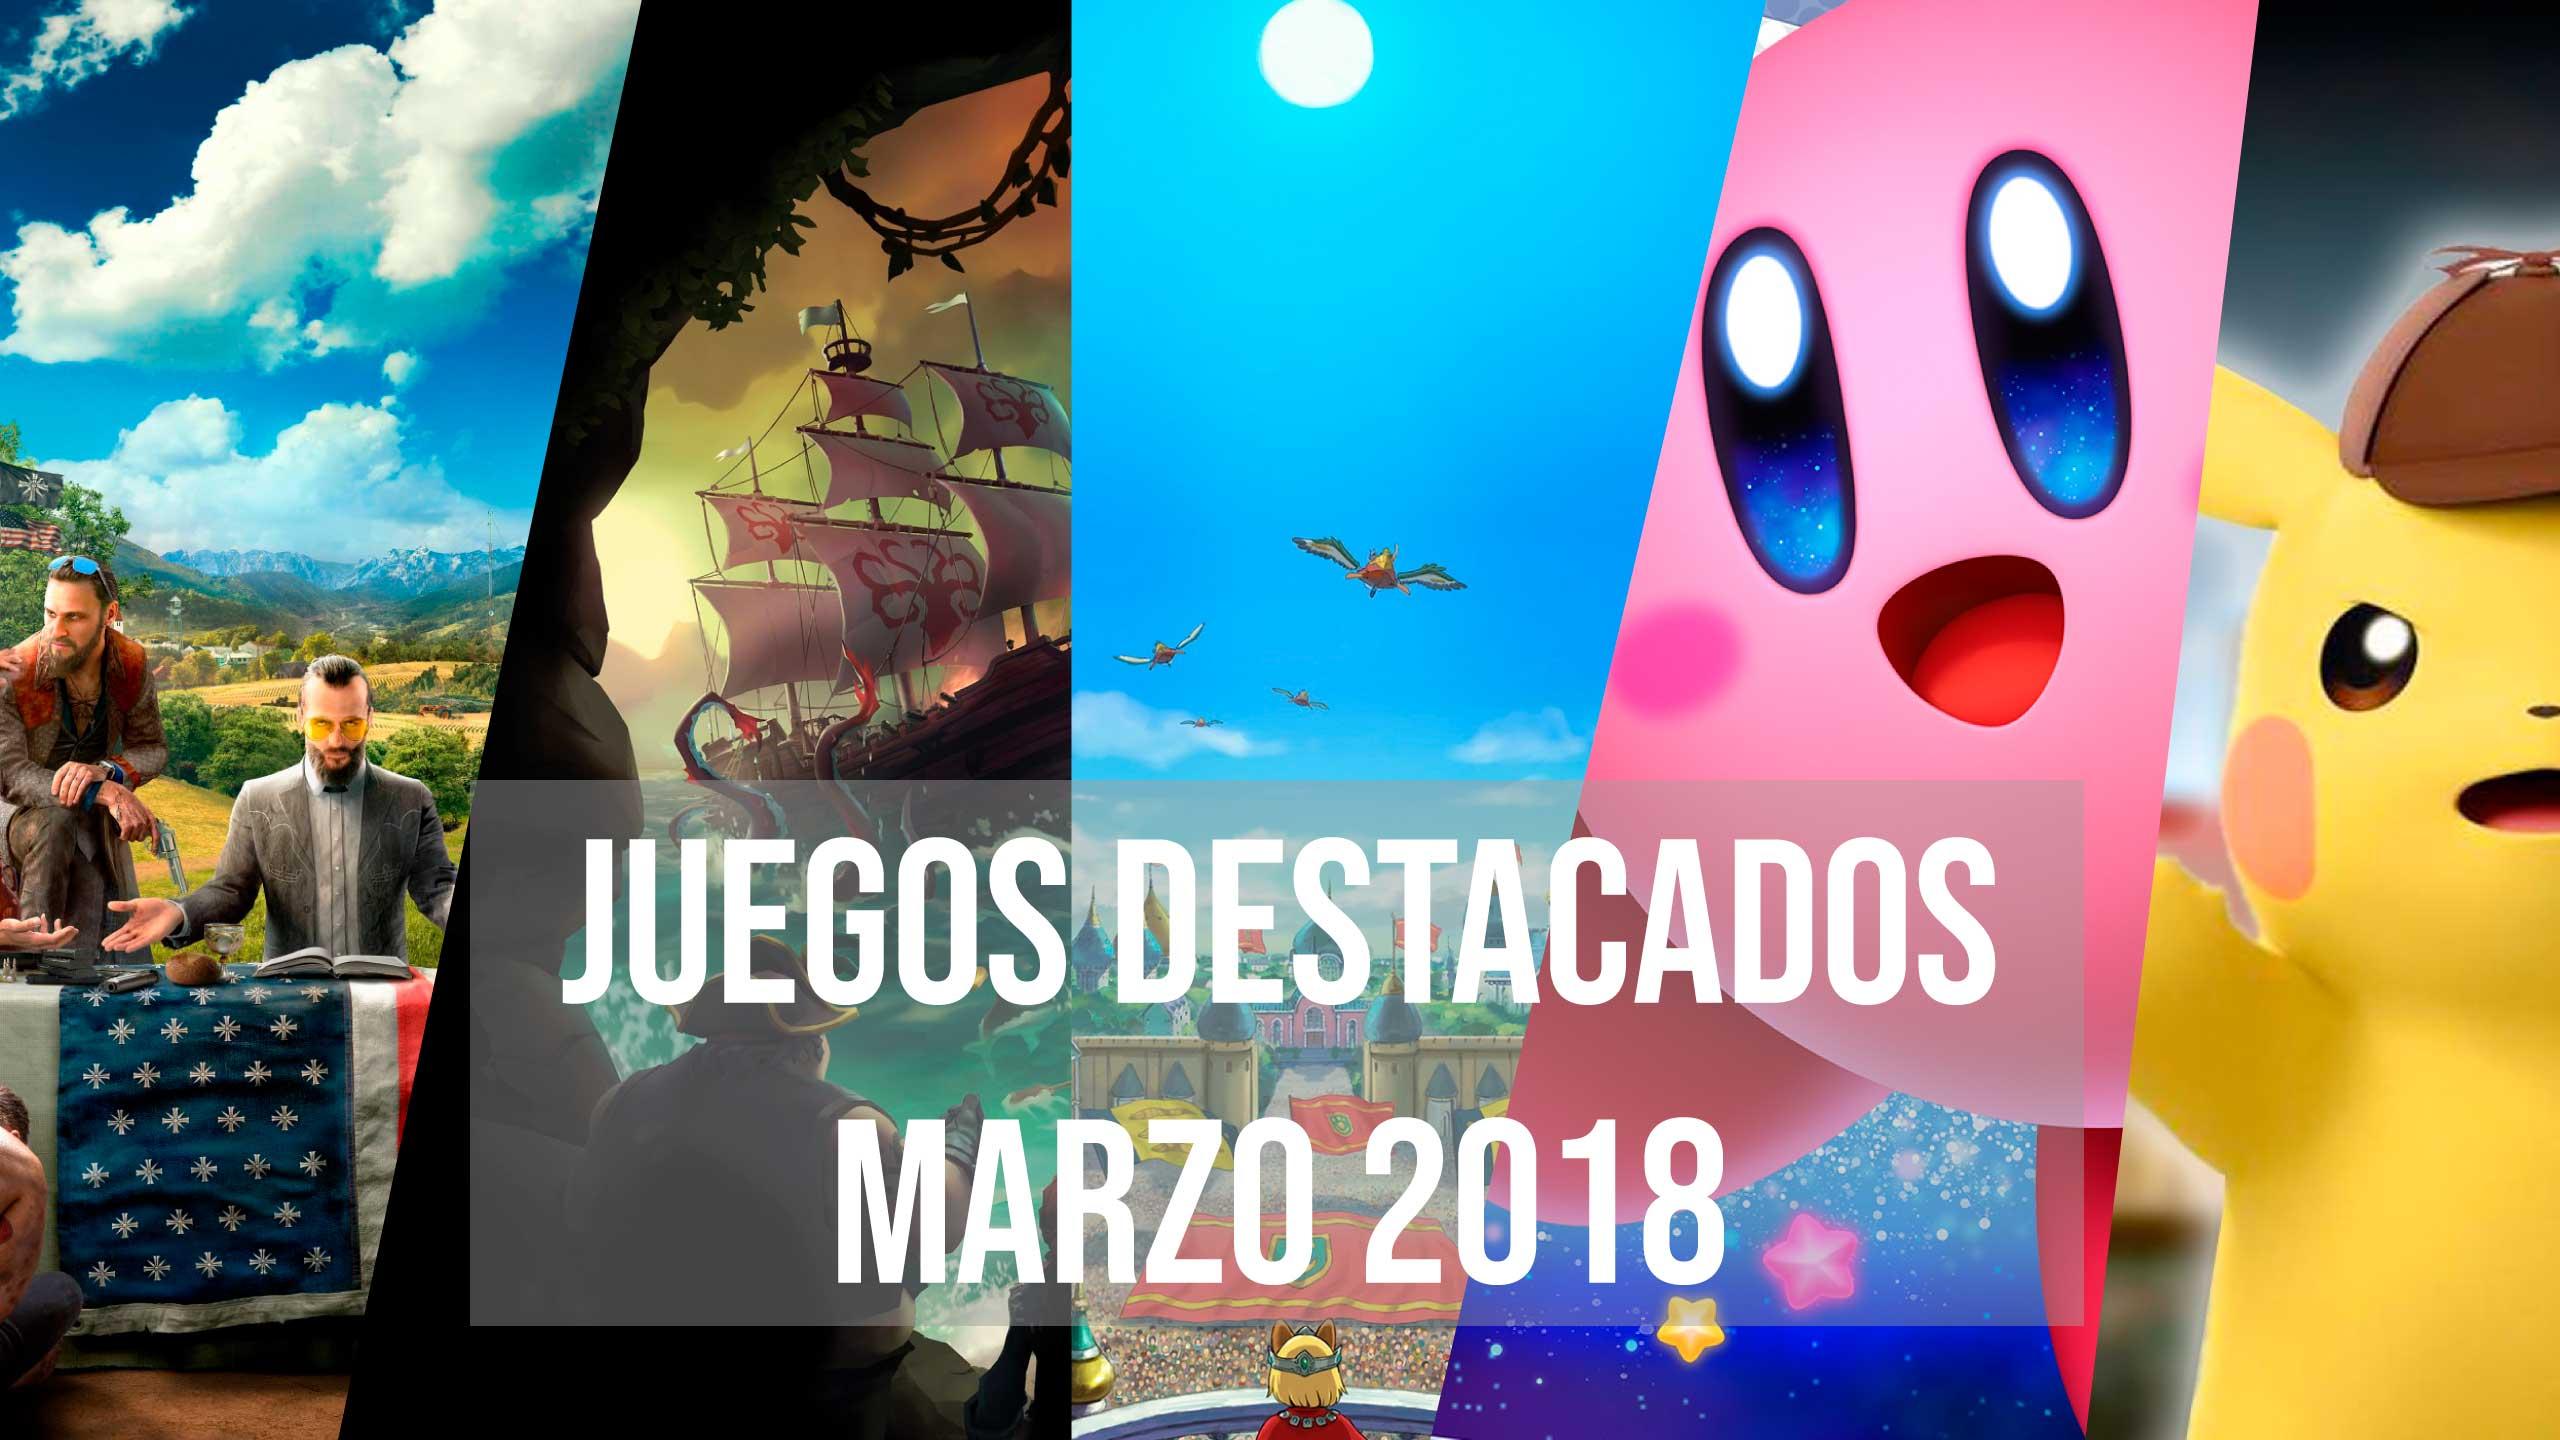 Juegos destacados para marzo 2018 1